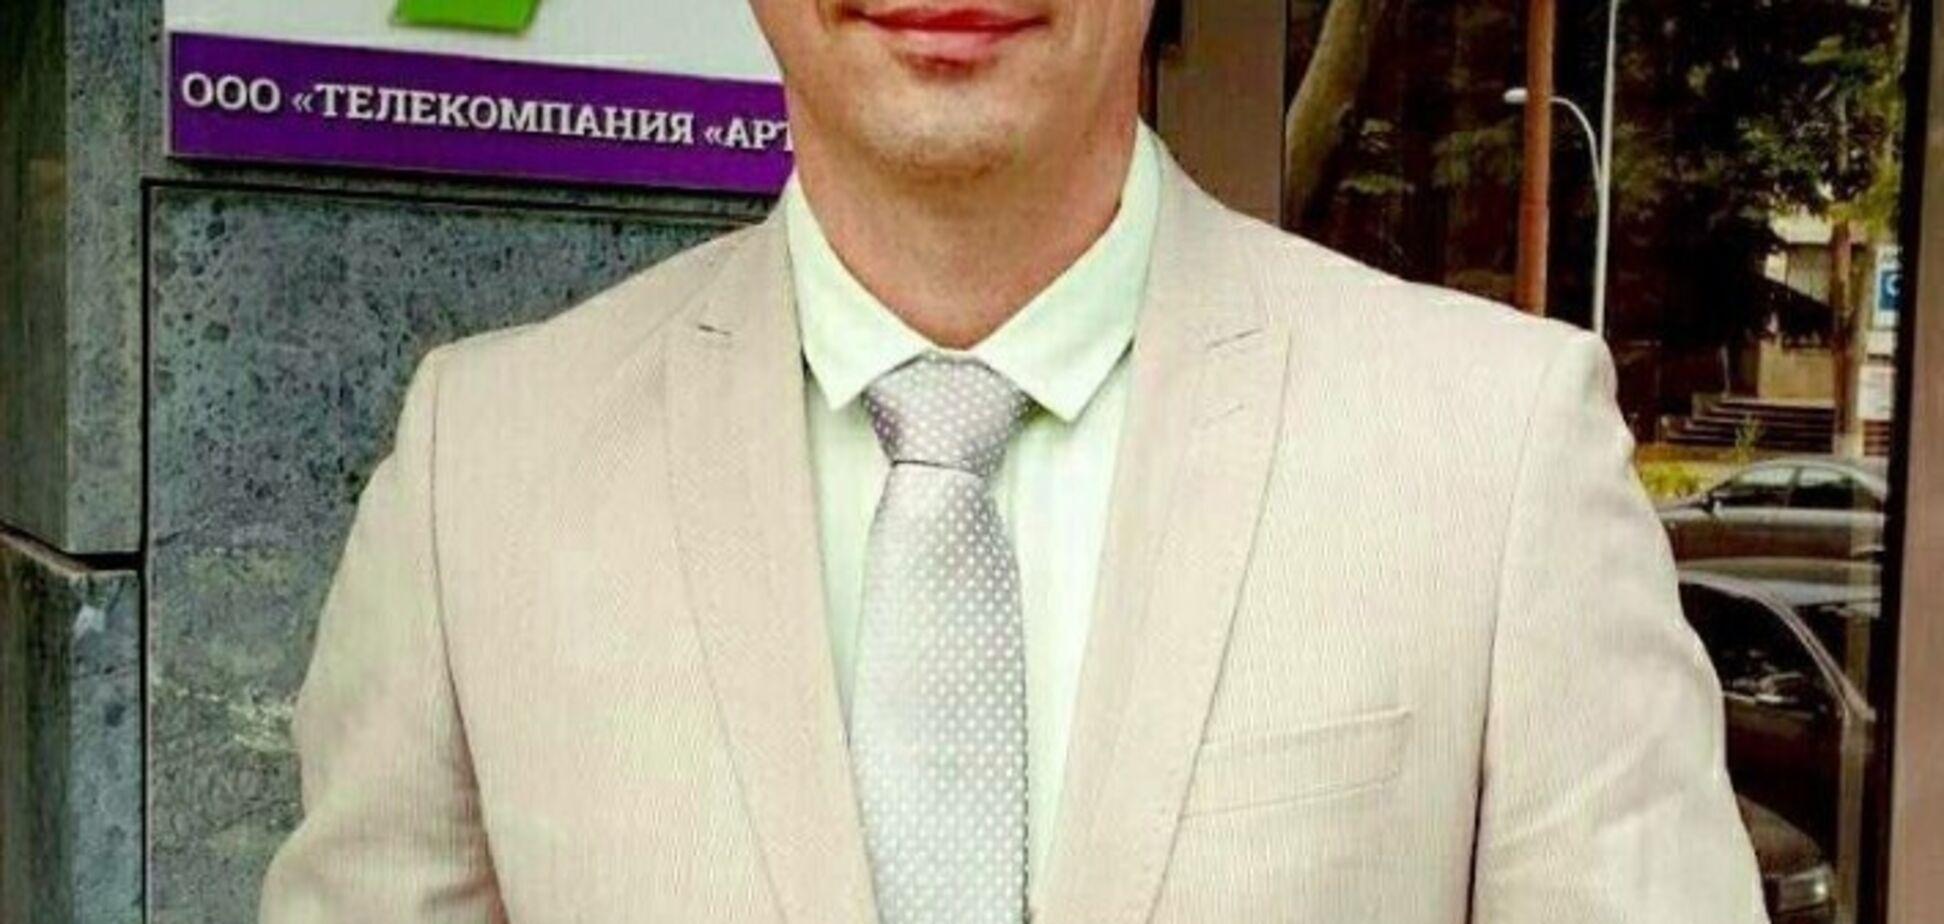 Вопреки всем прогнозам: раненый активист из Одессы начал ходить